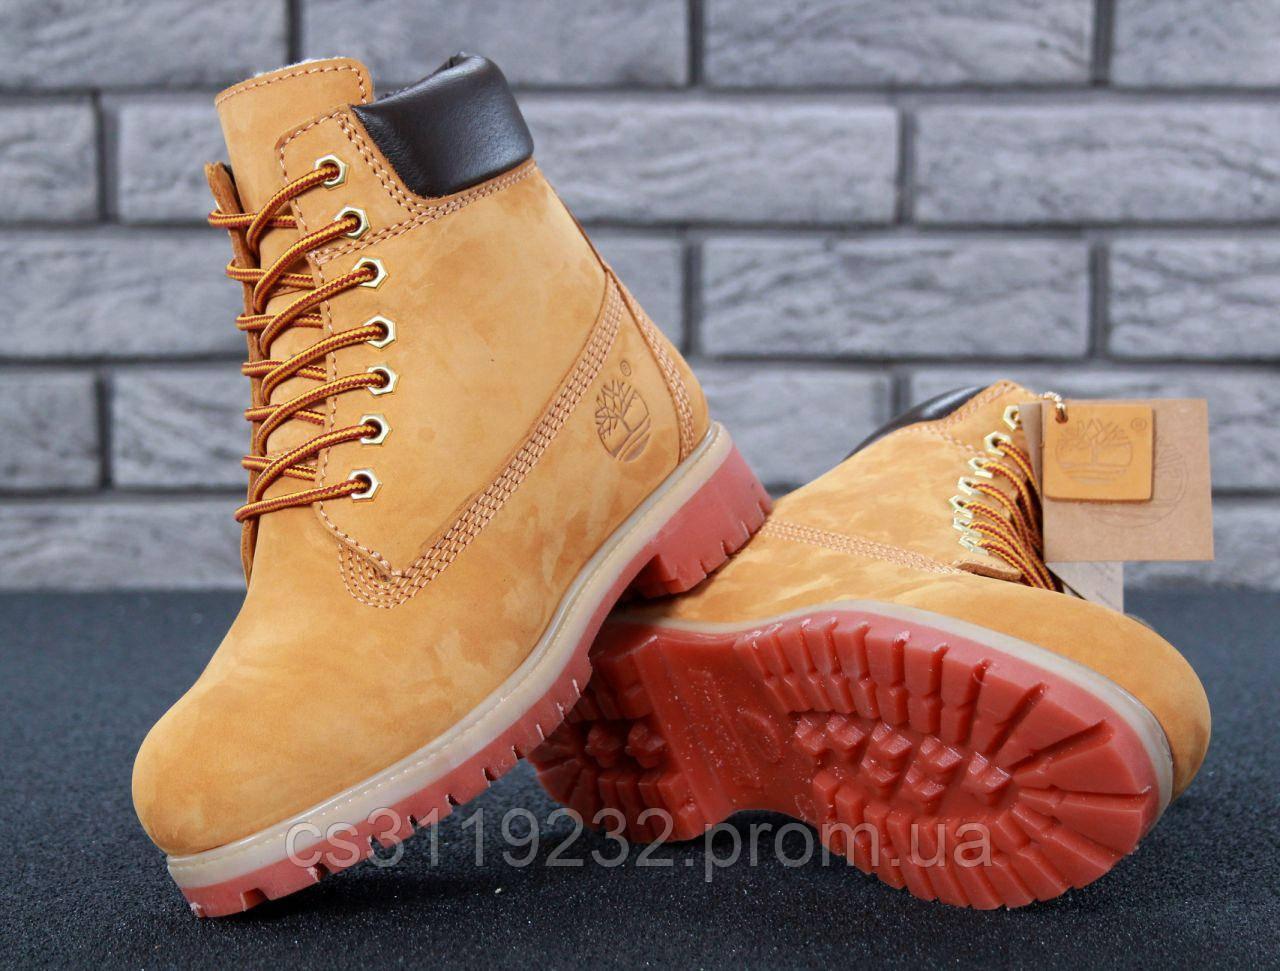 Женские ботинки зимние Timberland (нат.мех) (рыжие)